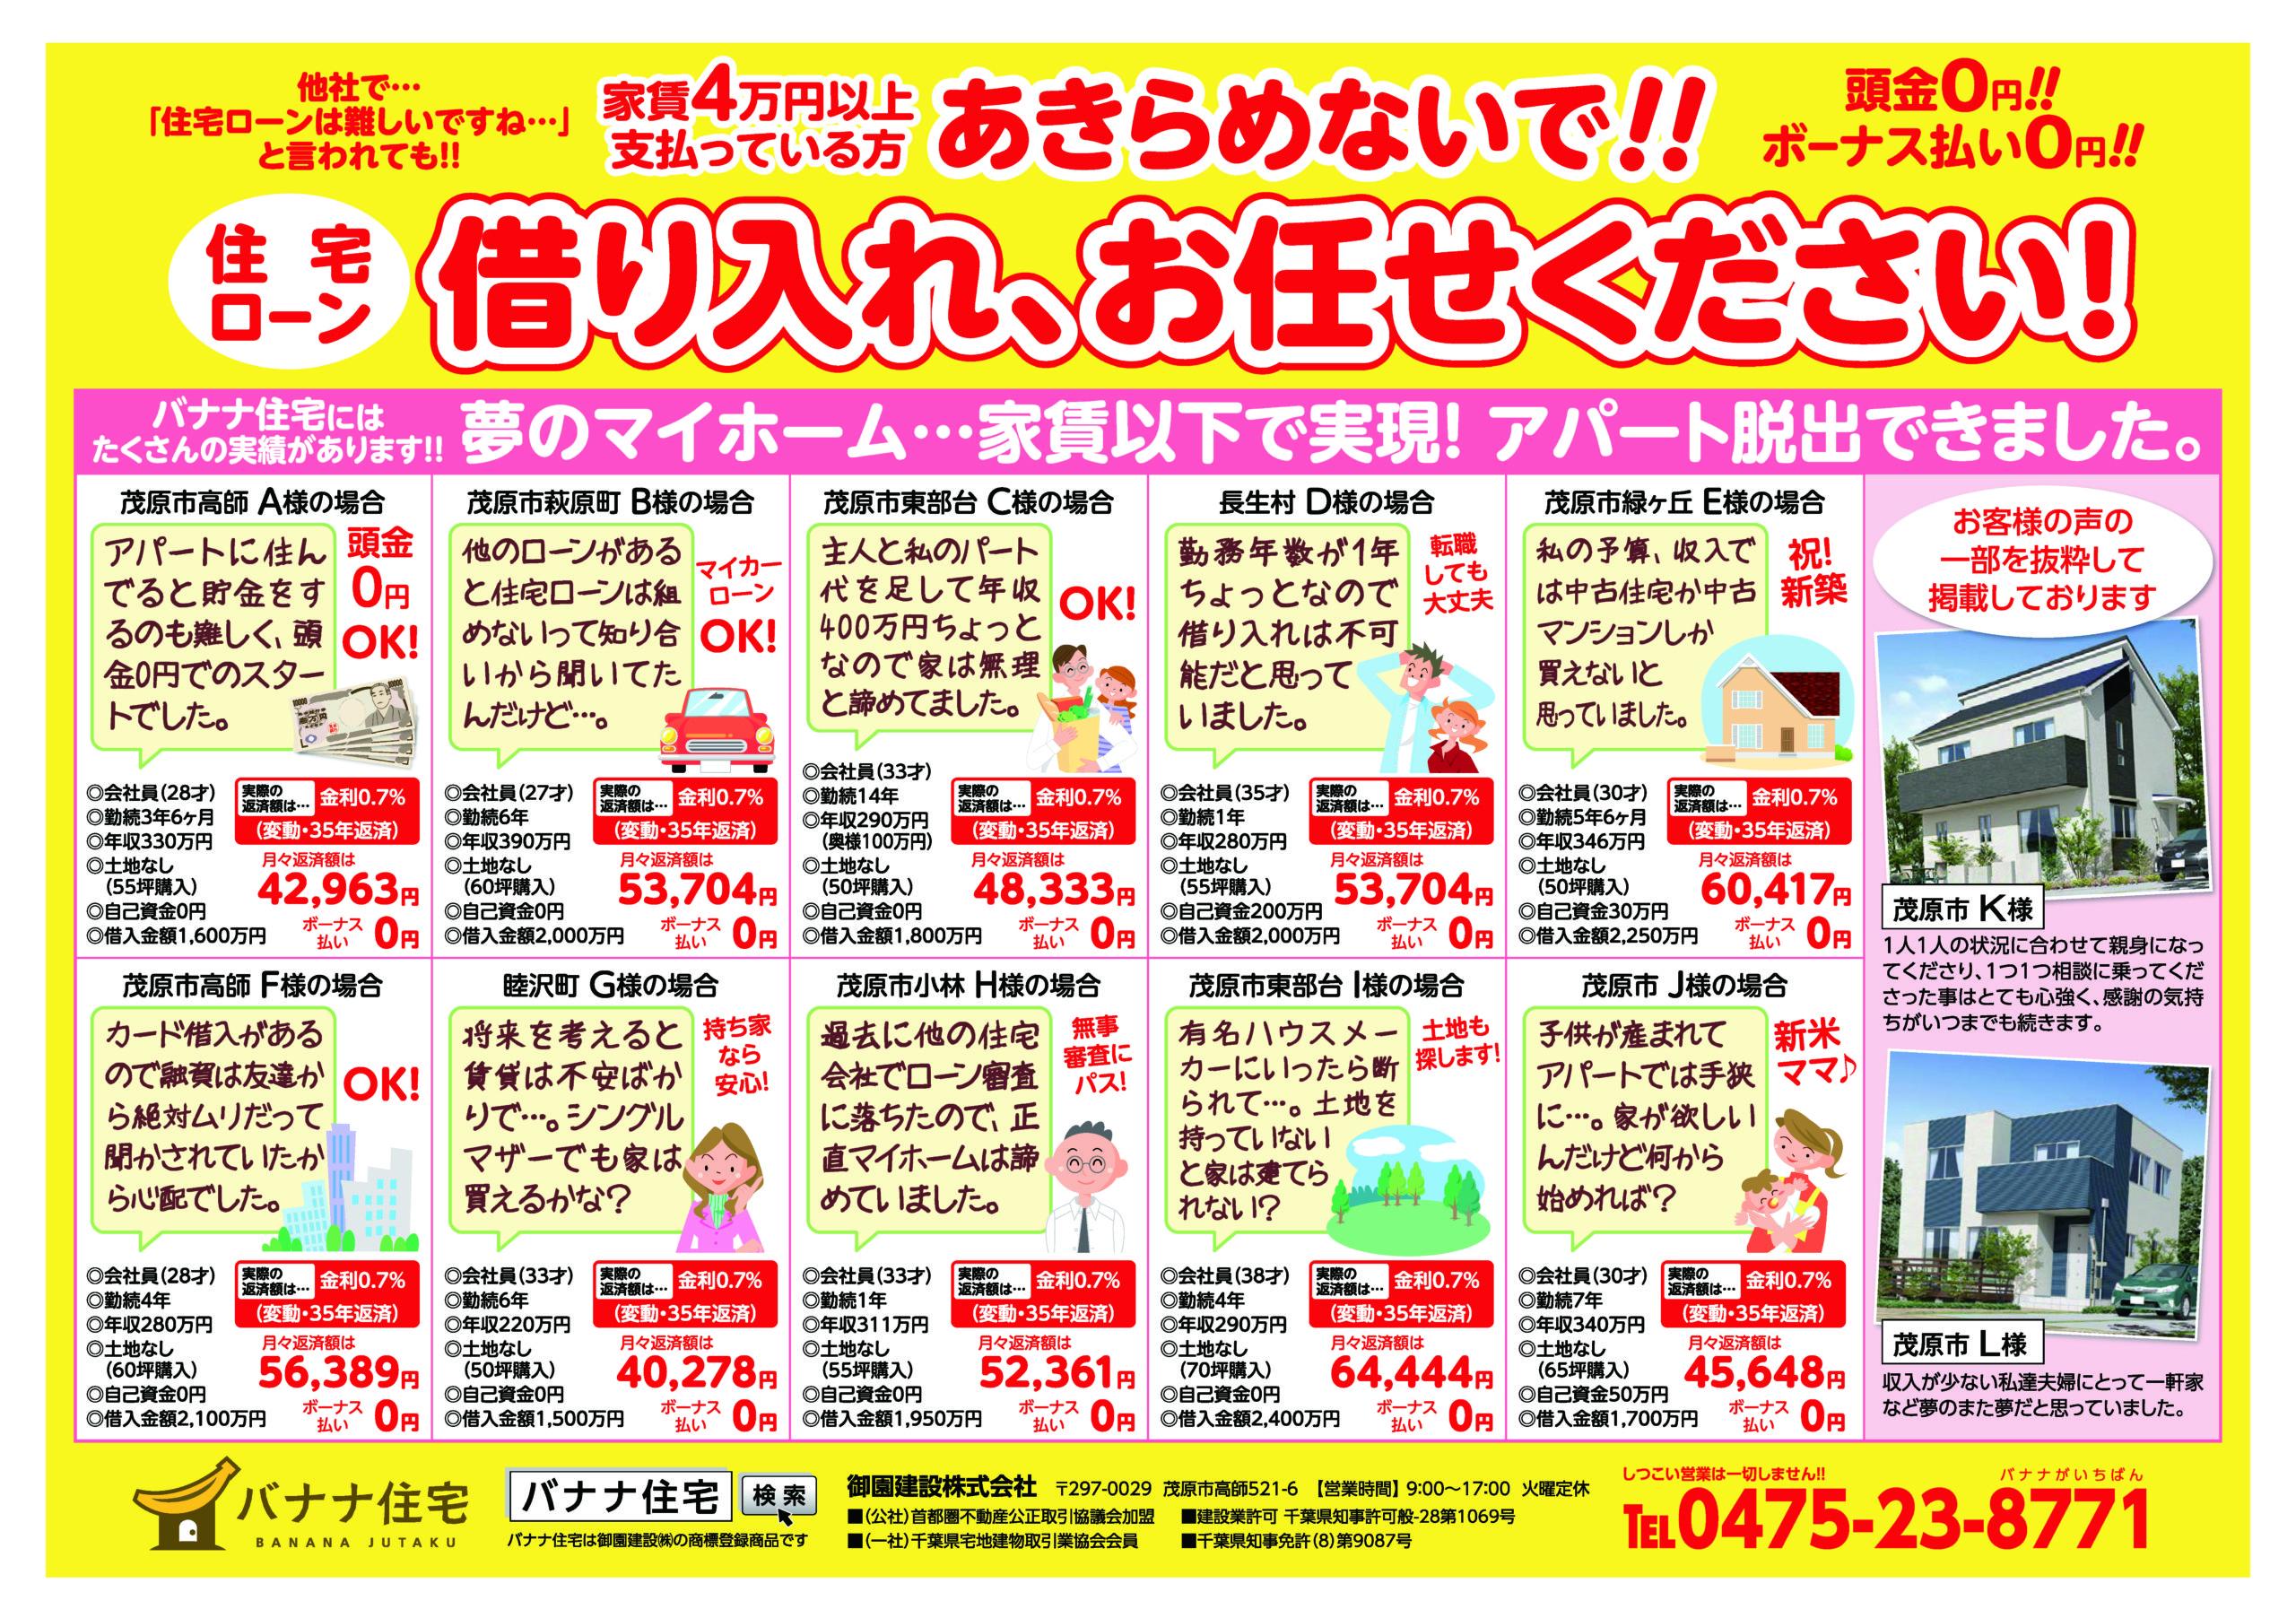 【完全予約制】いすみモデルがオープン!!!